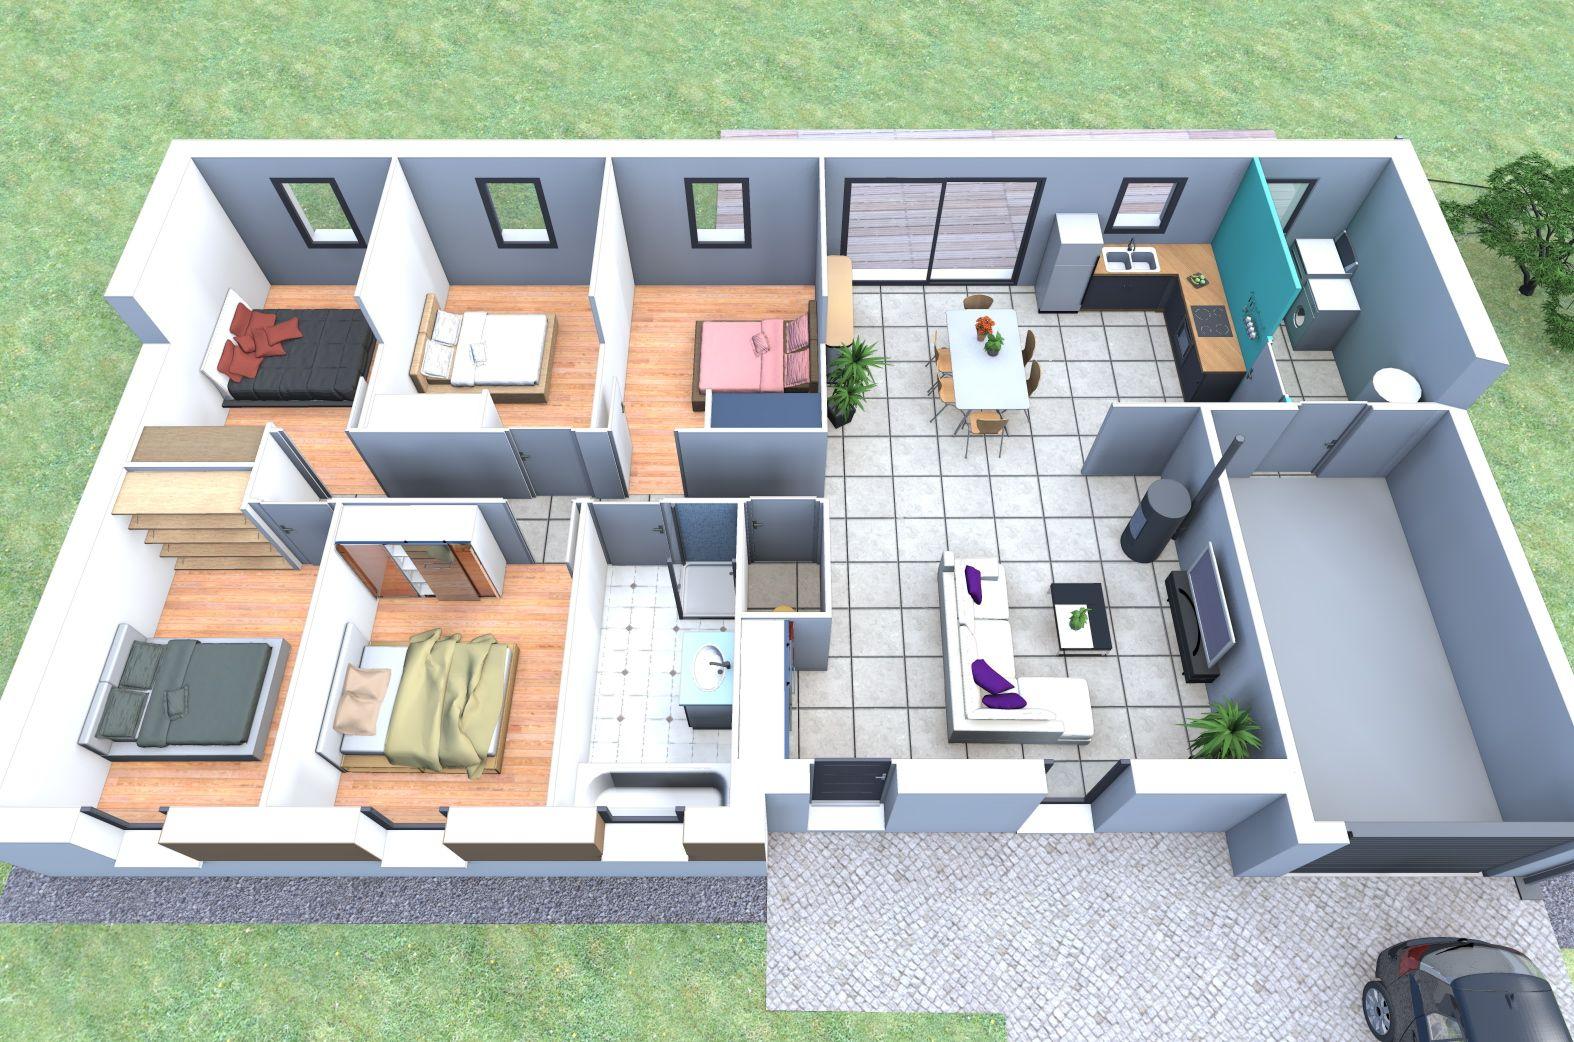 Plan de maison datis nl 5 personnalisable home staging archi design small house plans